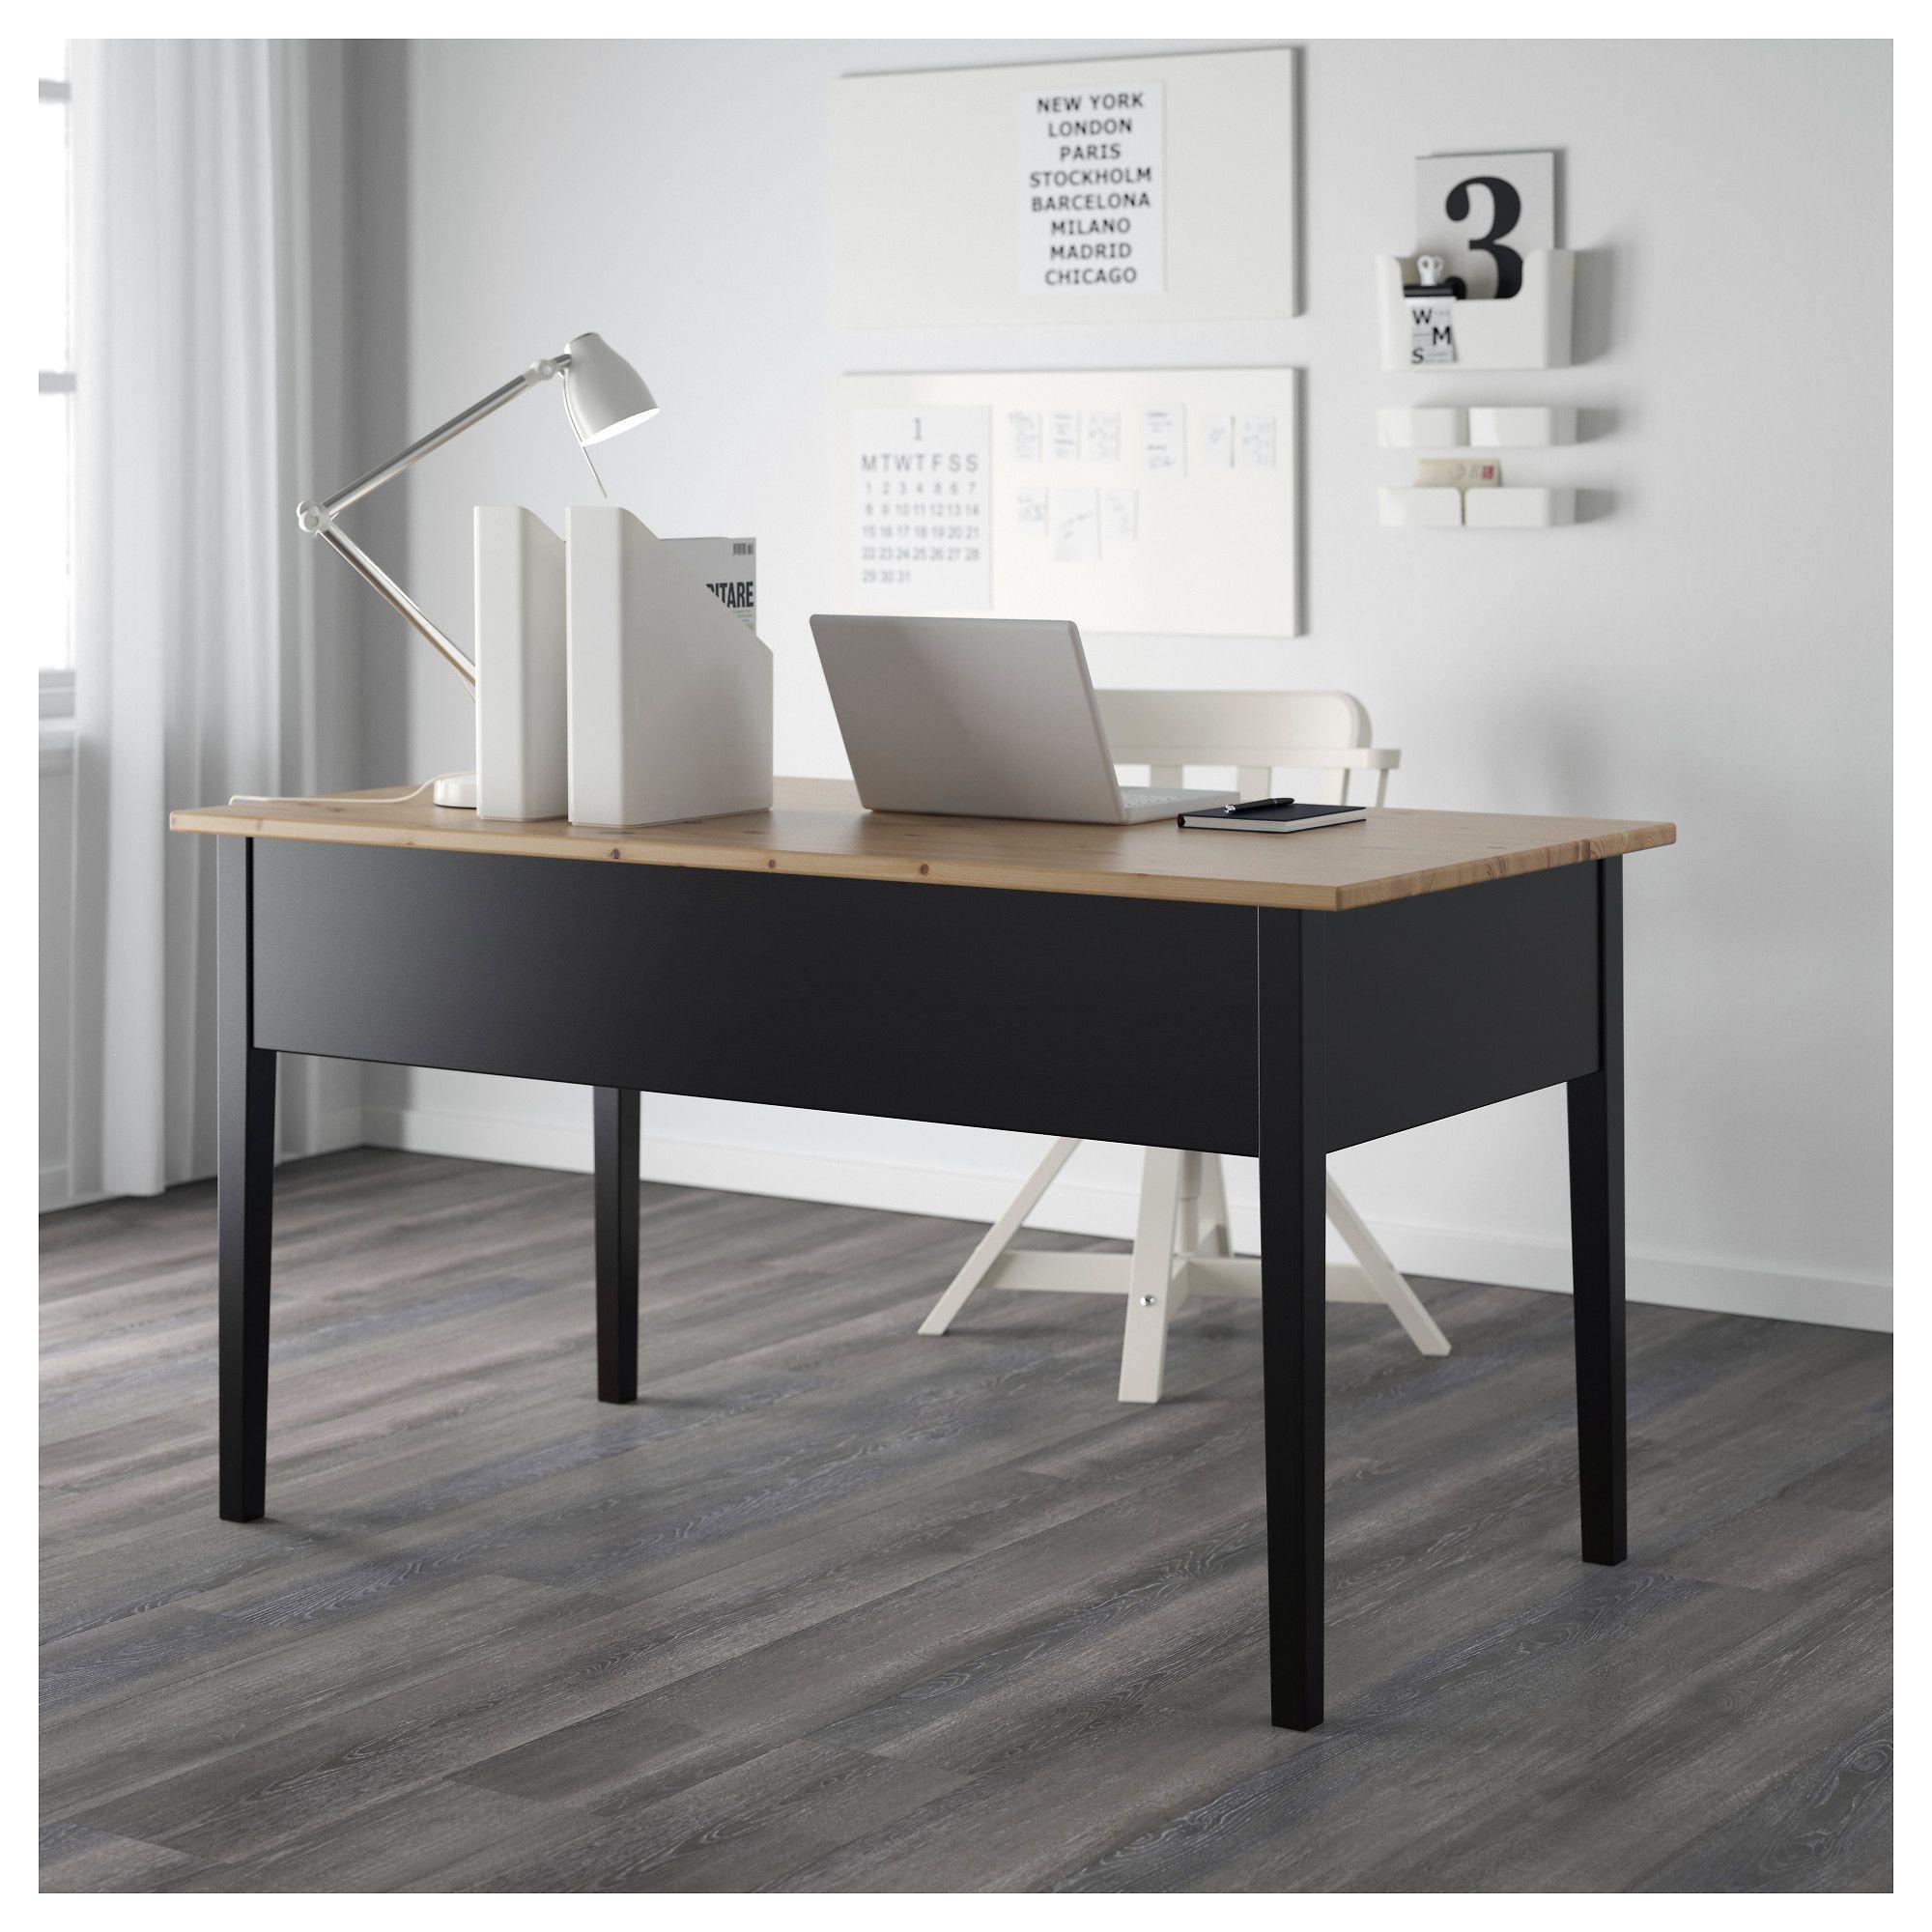 2c4d0ff1f1e4407ba638eb79d0ae553f Frais De Table Bois Ikea Des Idées